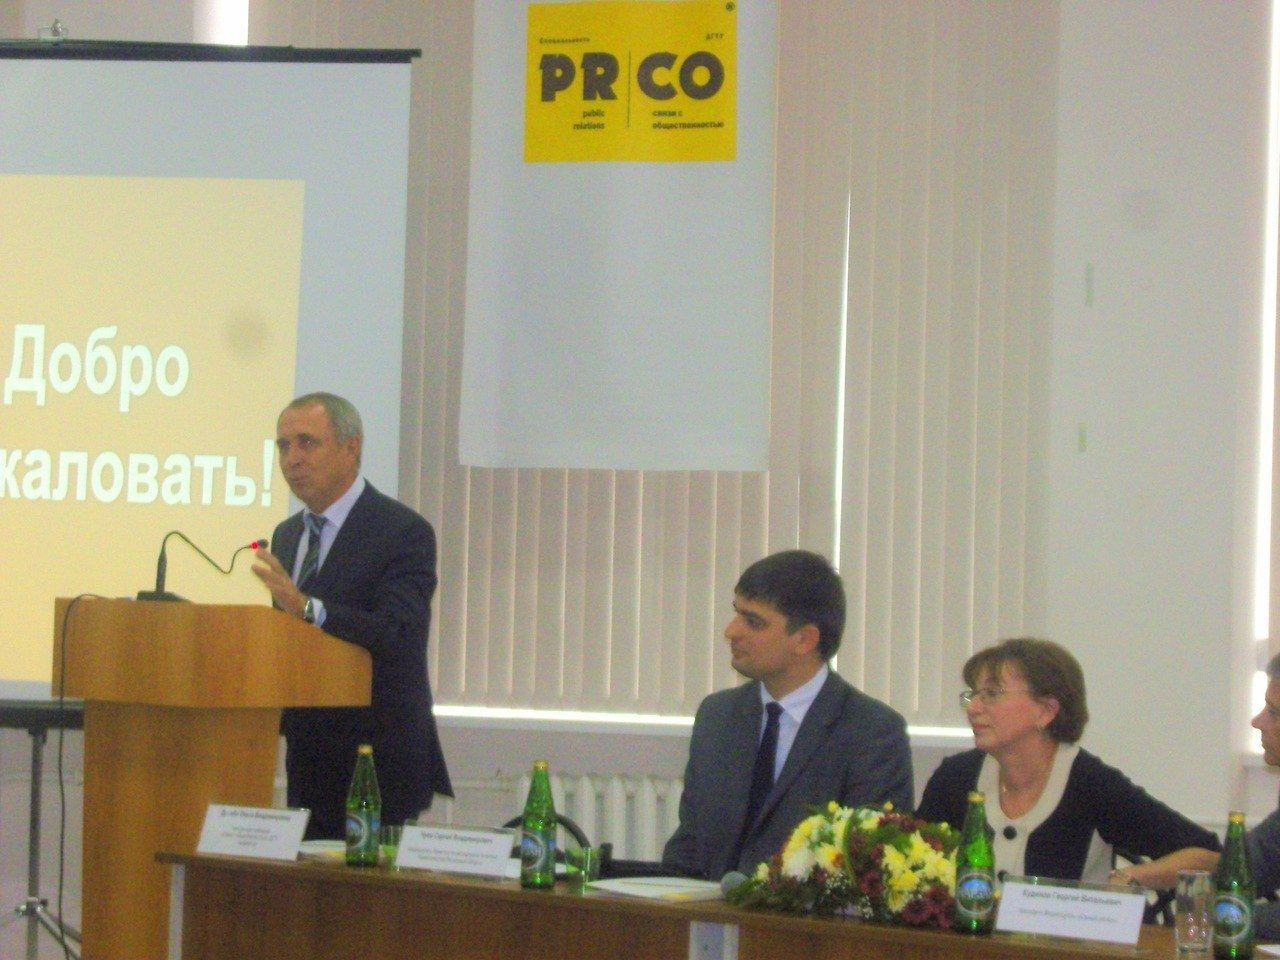 Интернет: Пресс-конференция по случаю открытия Восьмого межвузовского студенческого фестиваля «PR в Ростове»